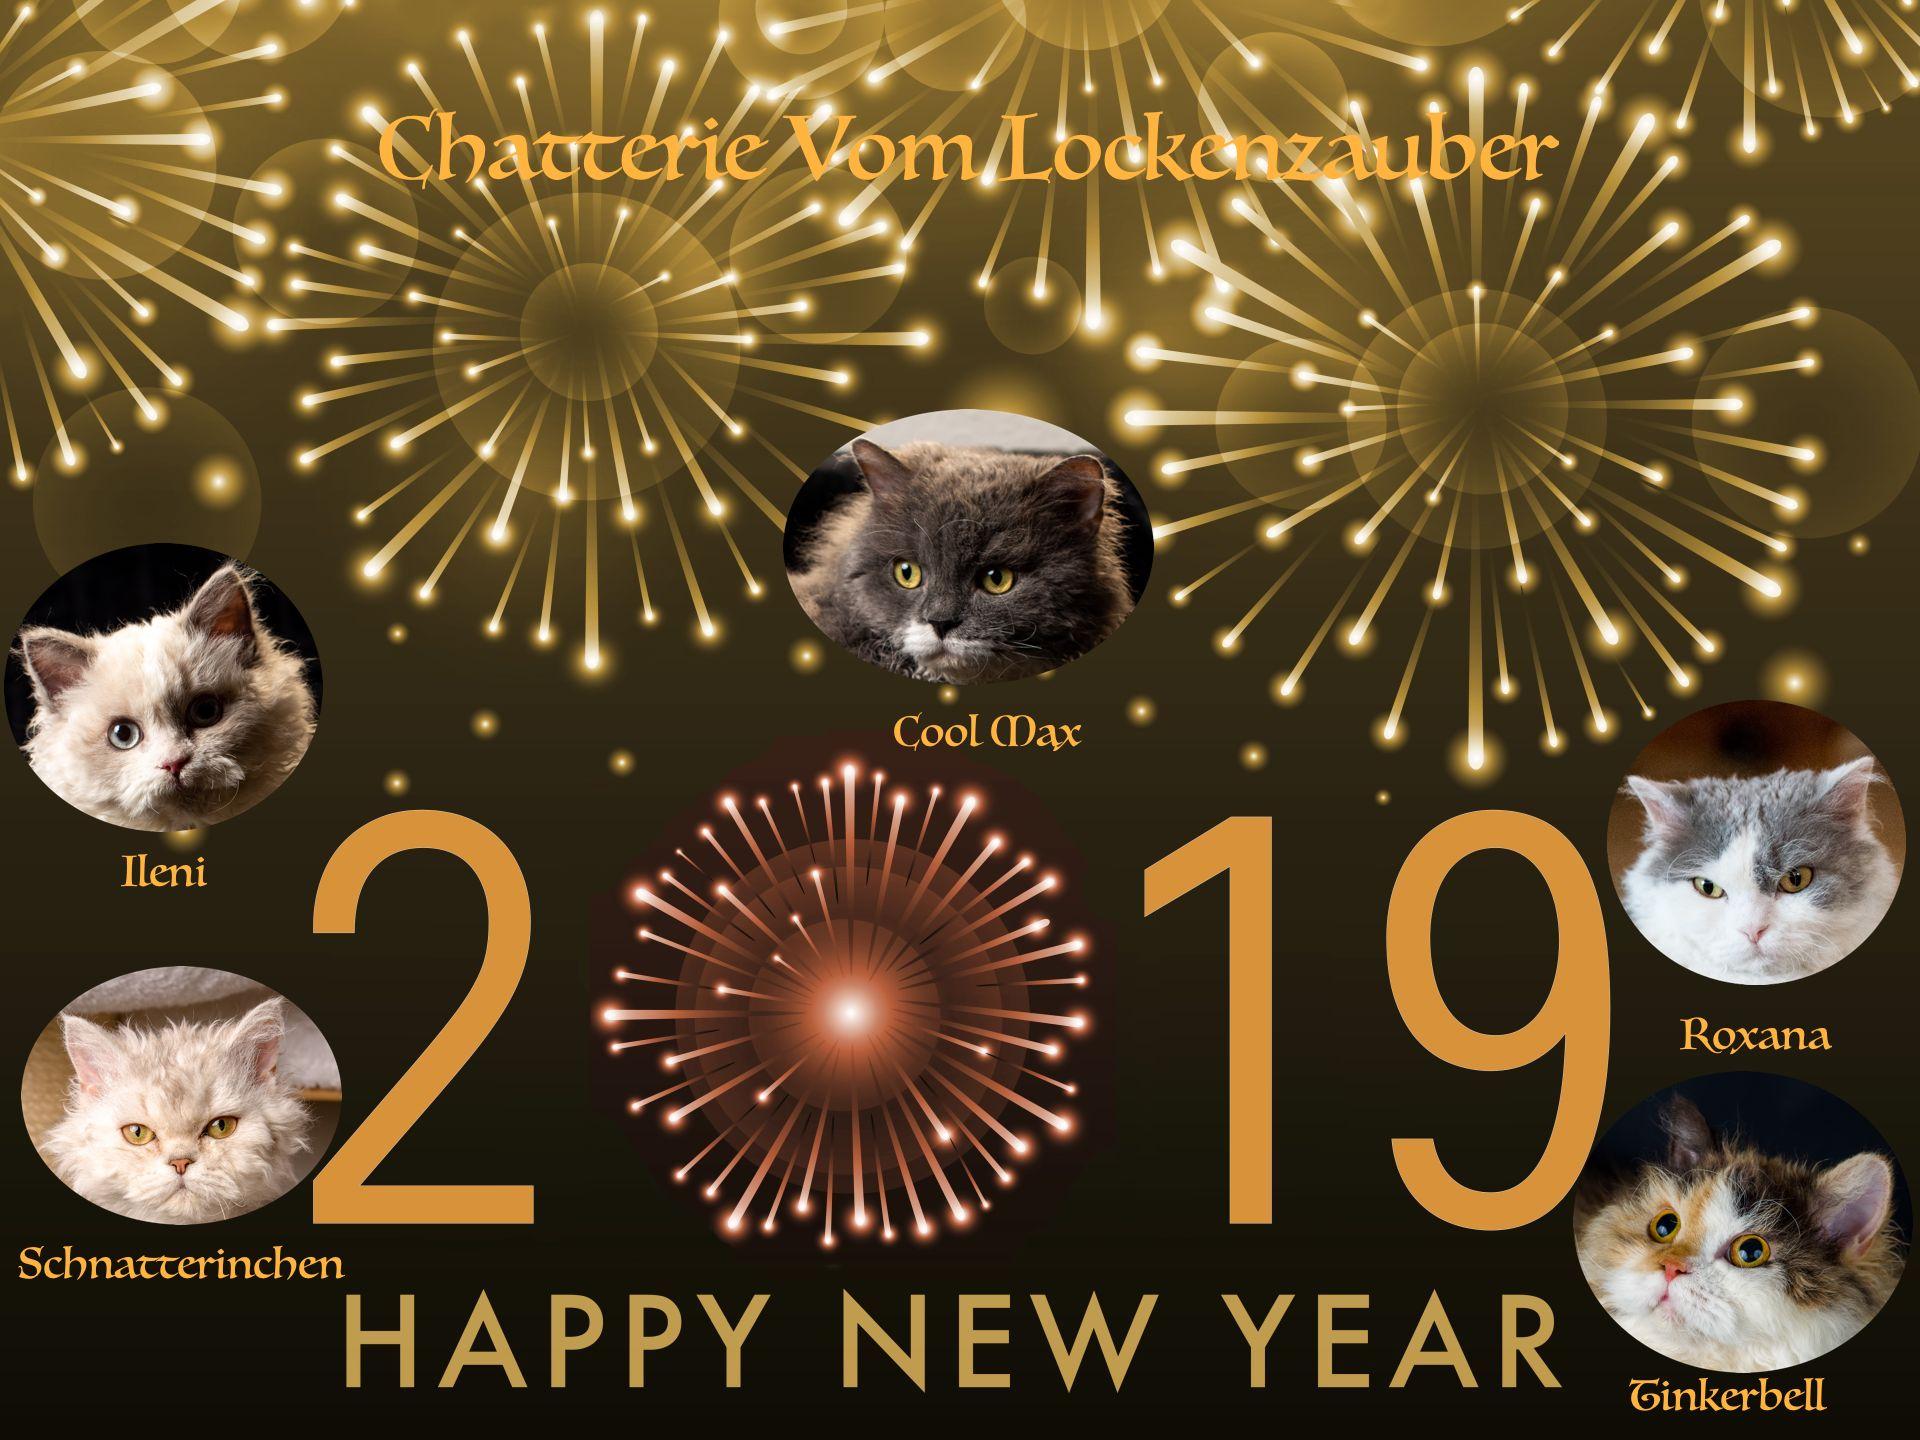 Happy-New-Year-2019-Lockenzauber .jpg